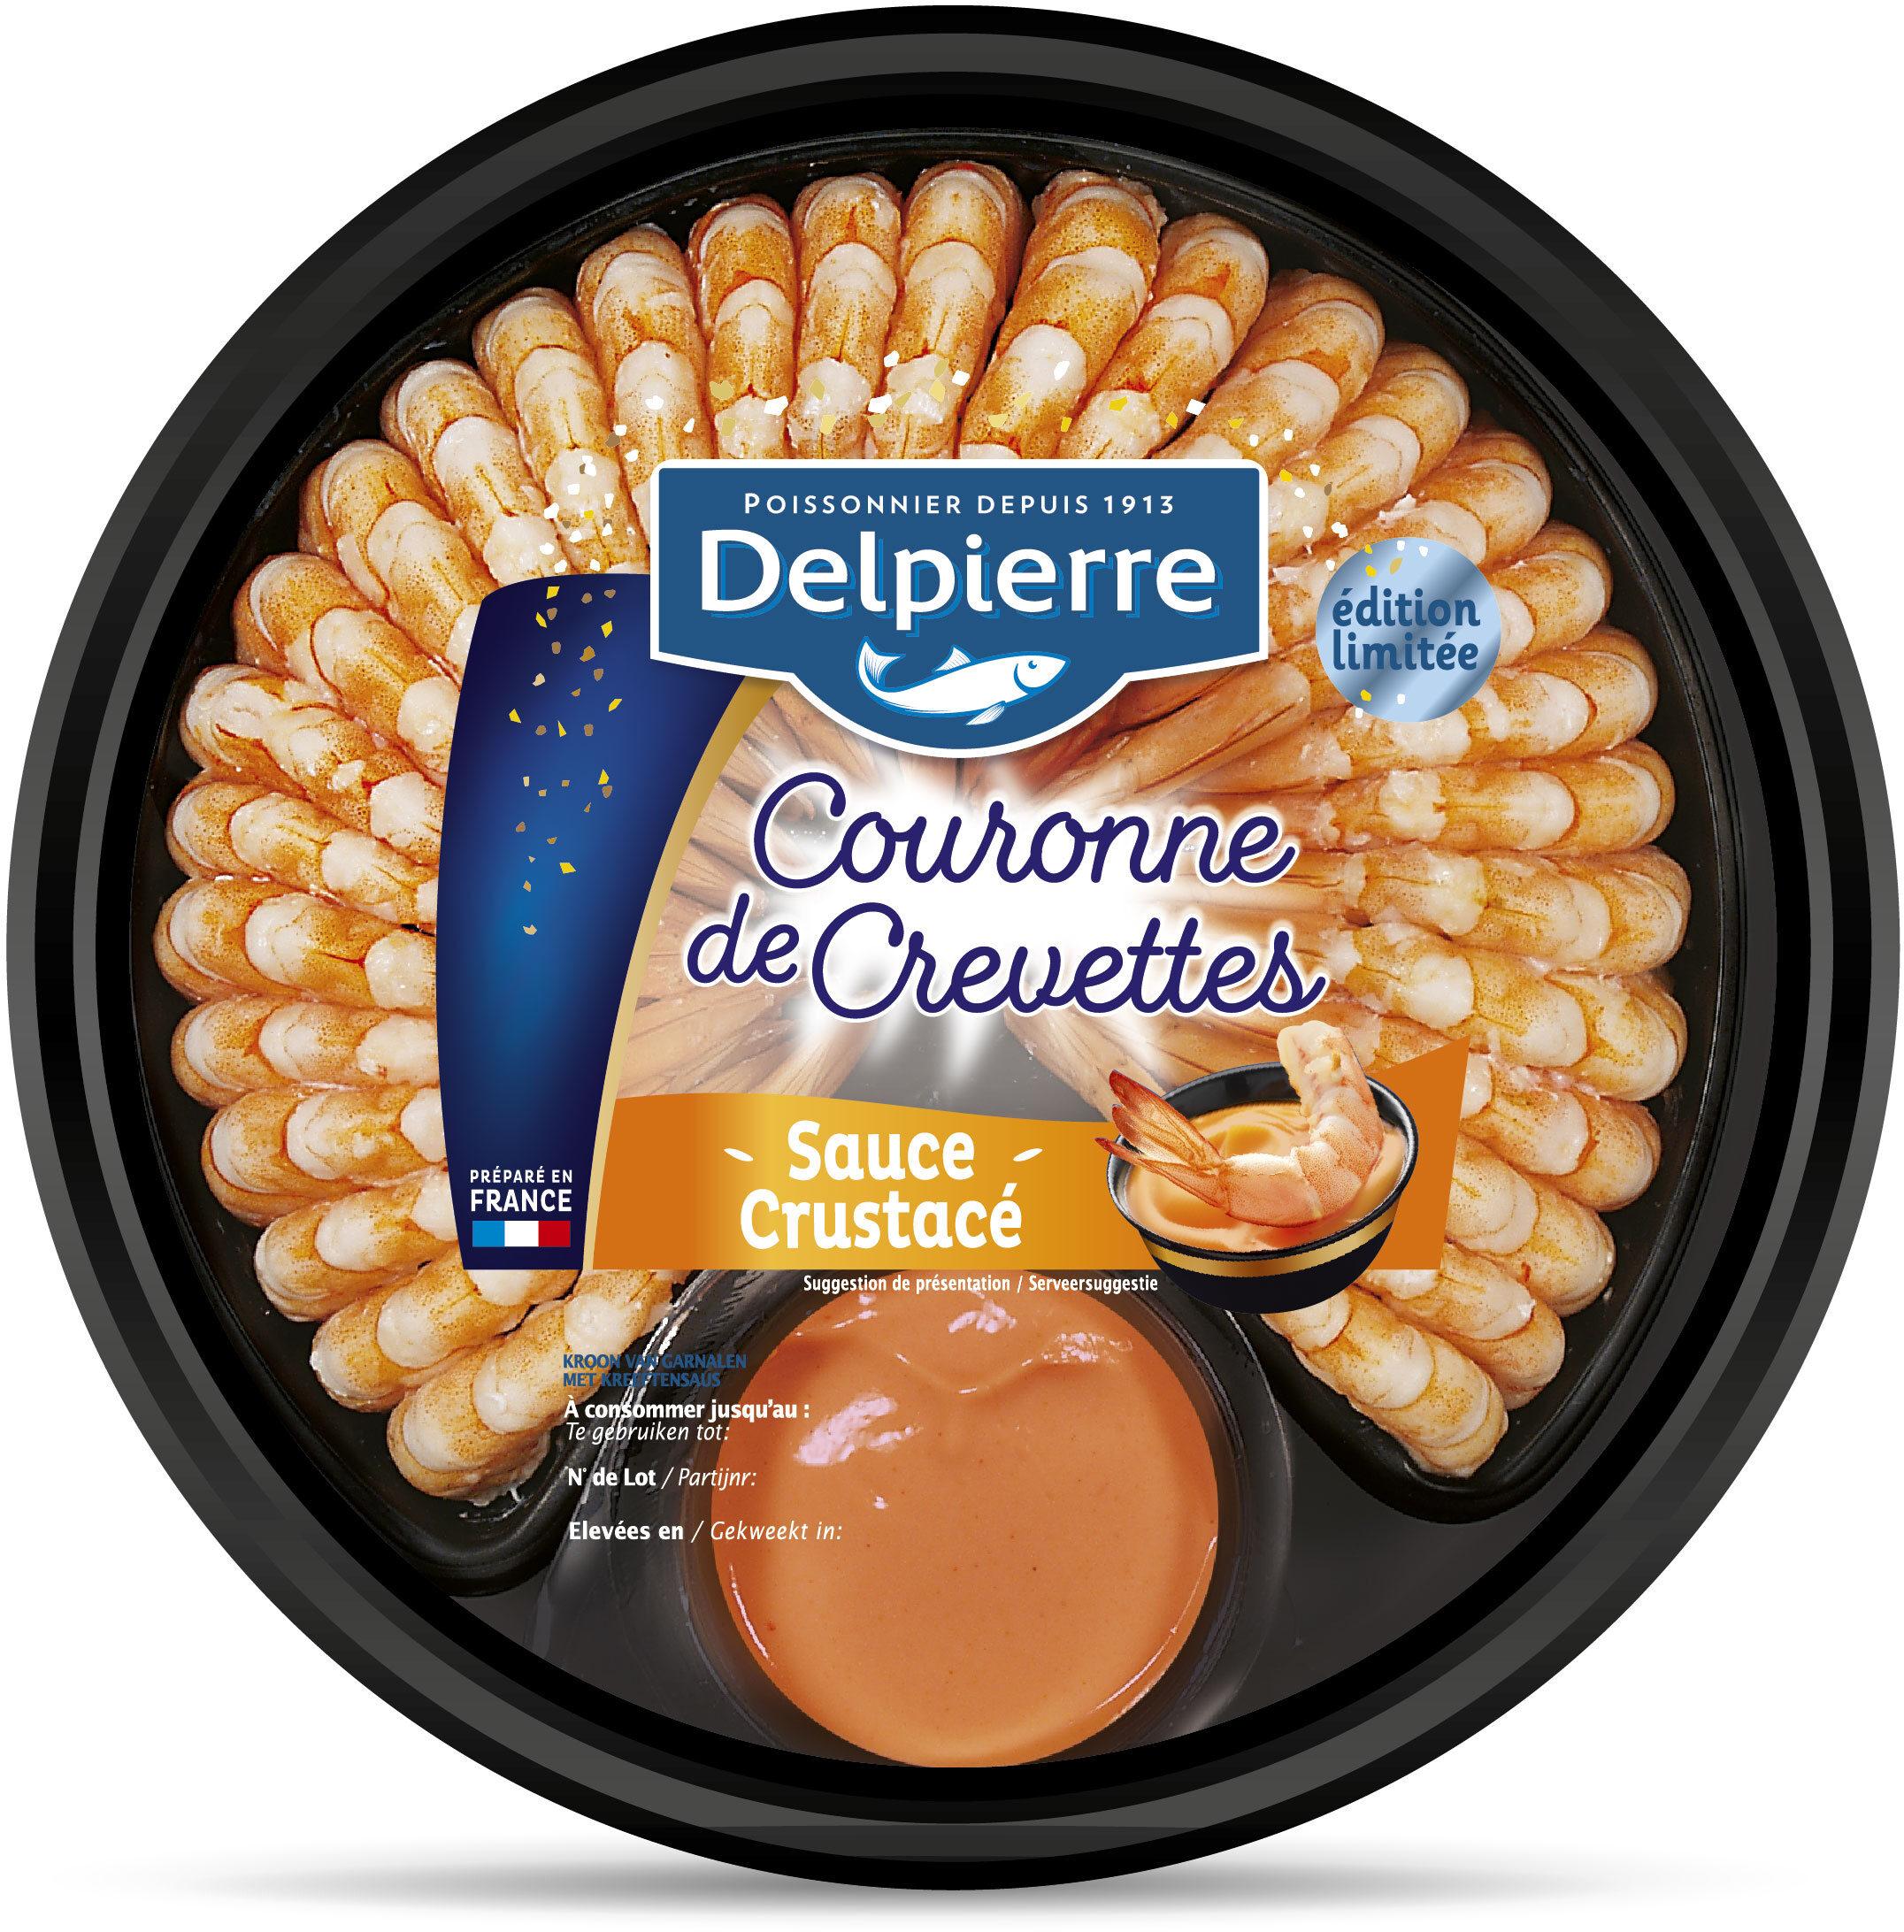 Couronne de crevettes sauce crustacés - Product - fr